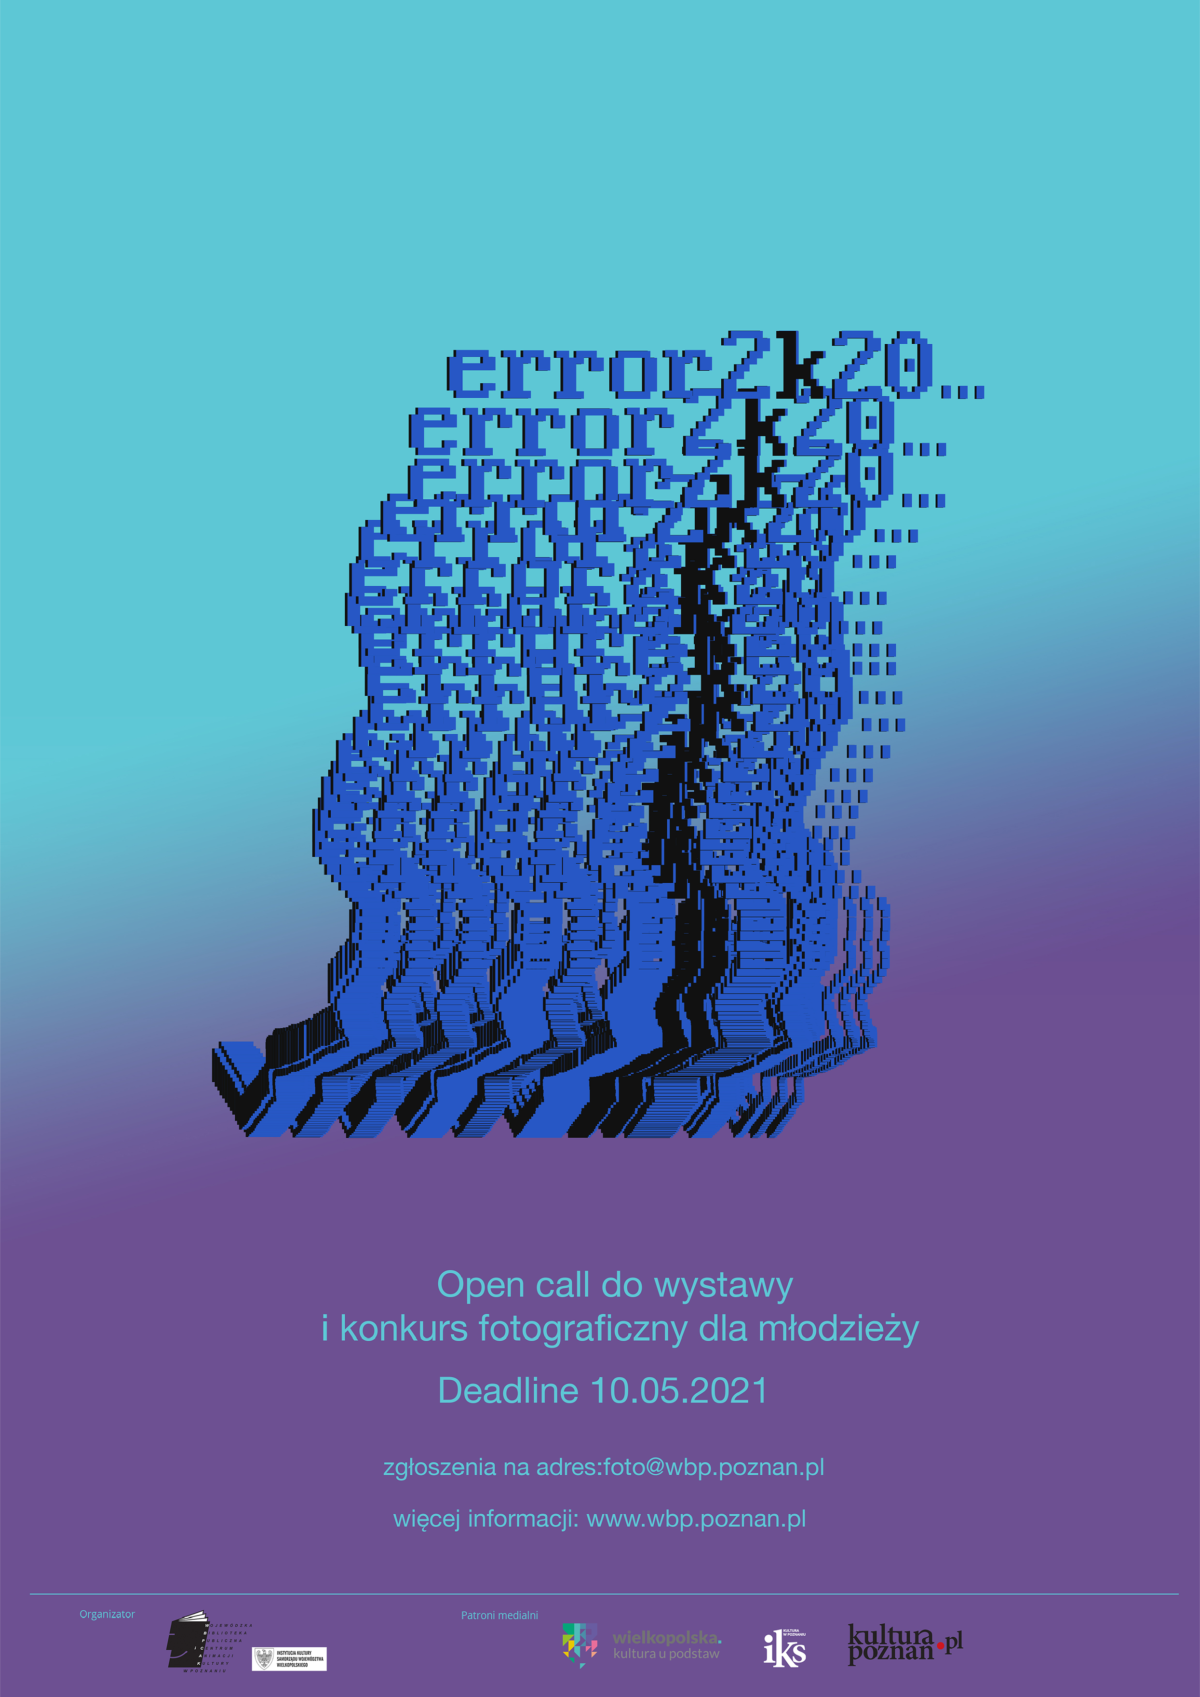 """Open call do wystawy i konkurs fotograficzny dla młodzieży """"Error_2k20…"""""""